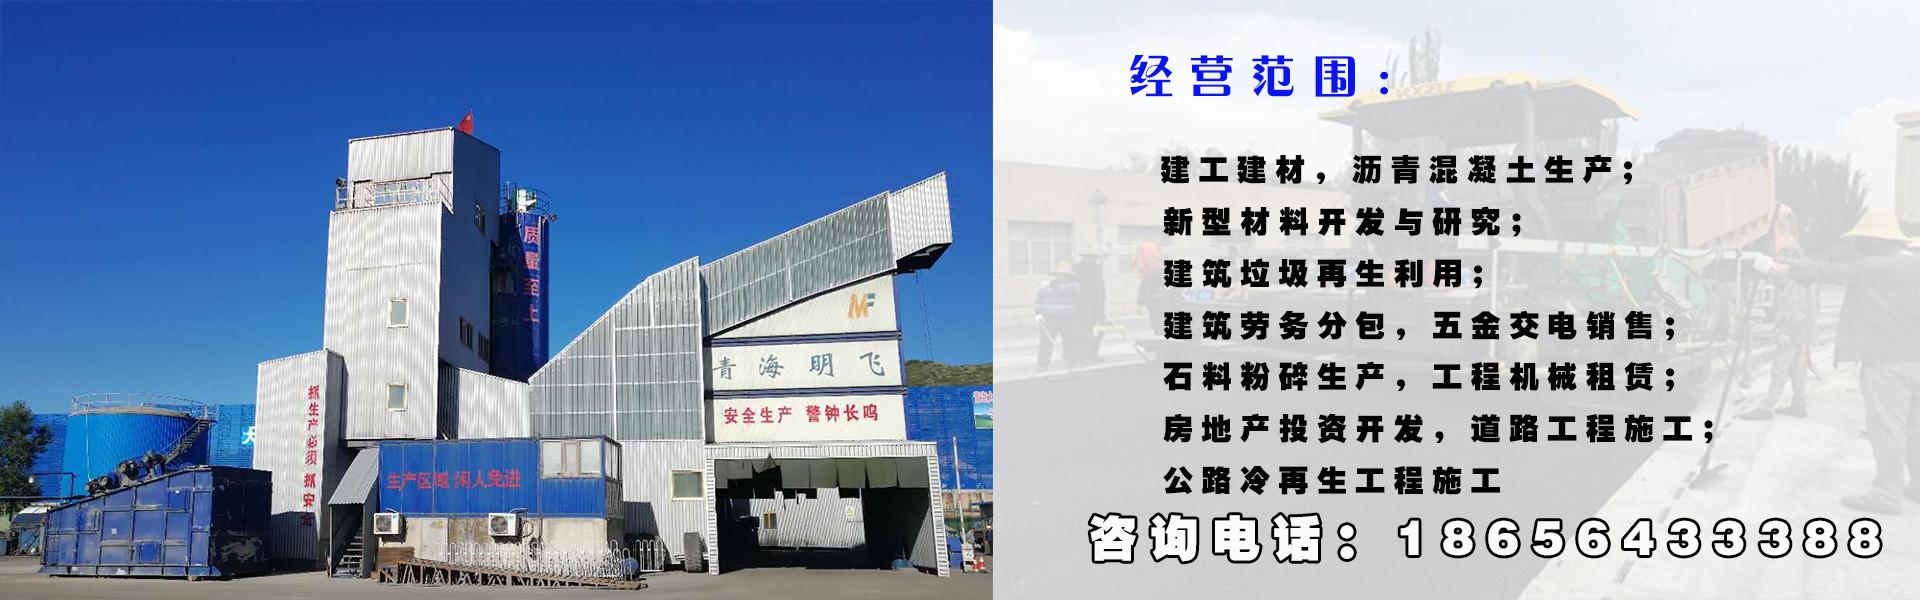 新葡京官方赌场